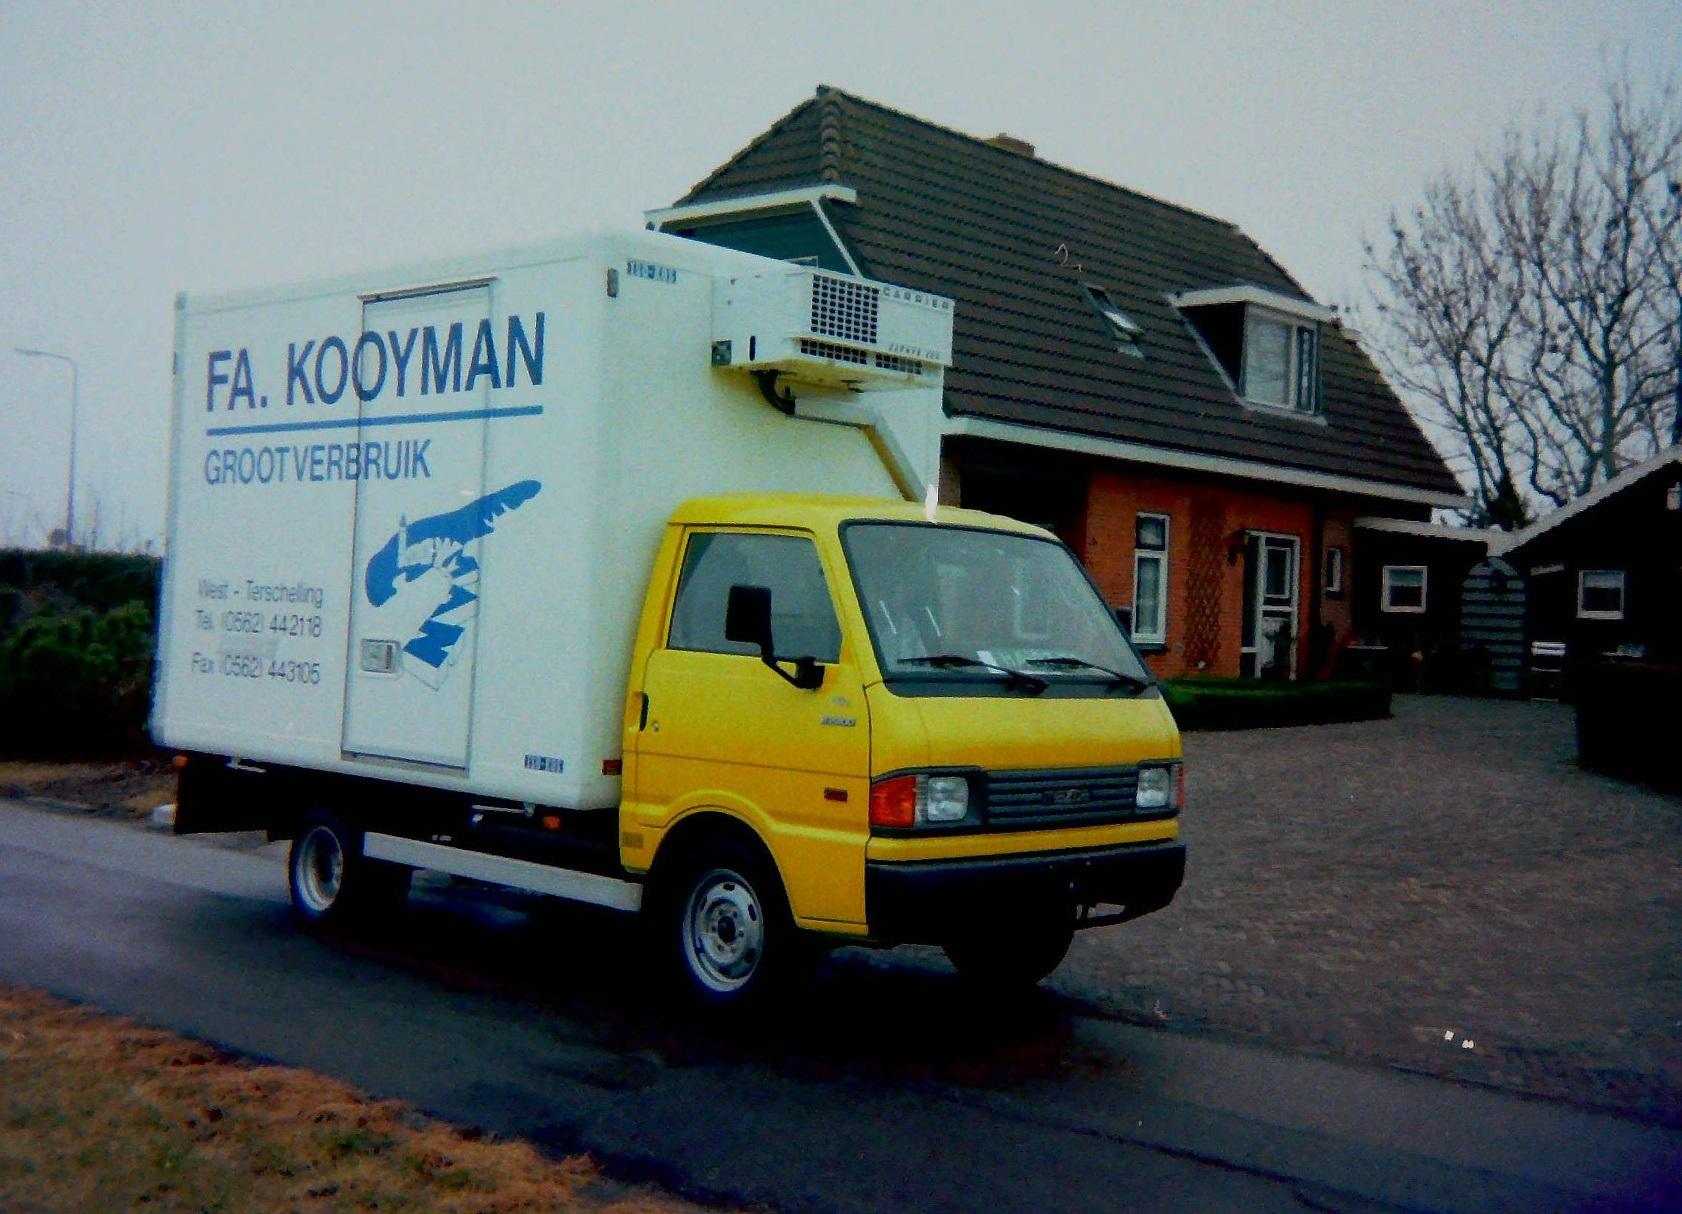 Auto-van-FA-Kooyman-van-West-Terschelling-gebouwd-door-Rondaan-Carrosserie-en-Wagenbouw-3